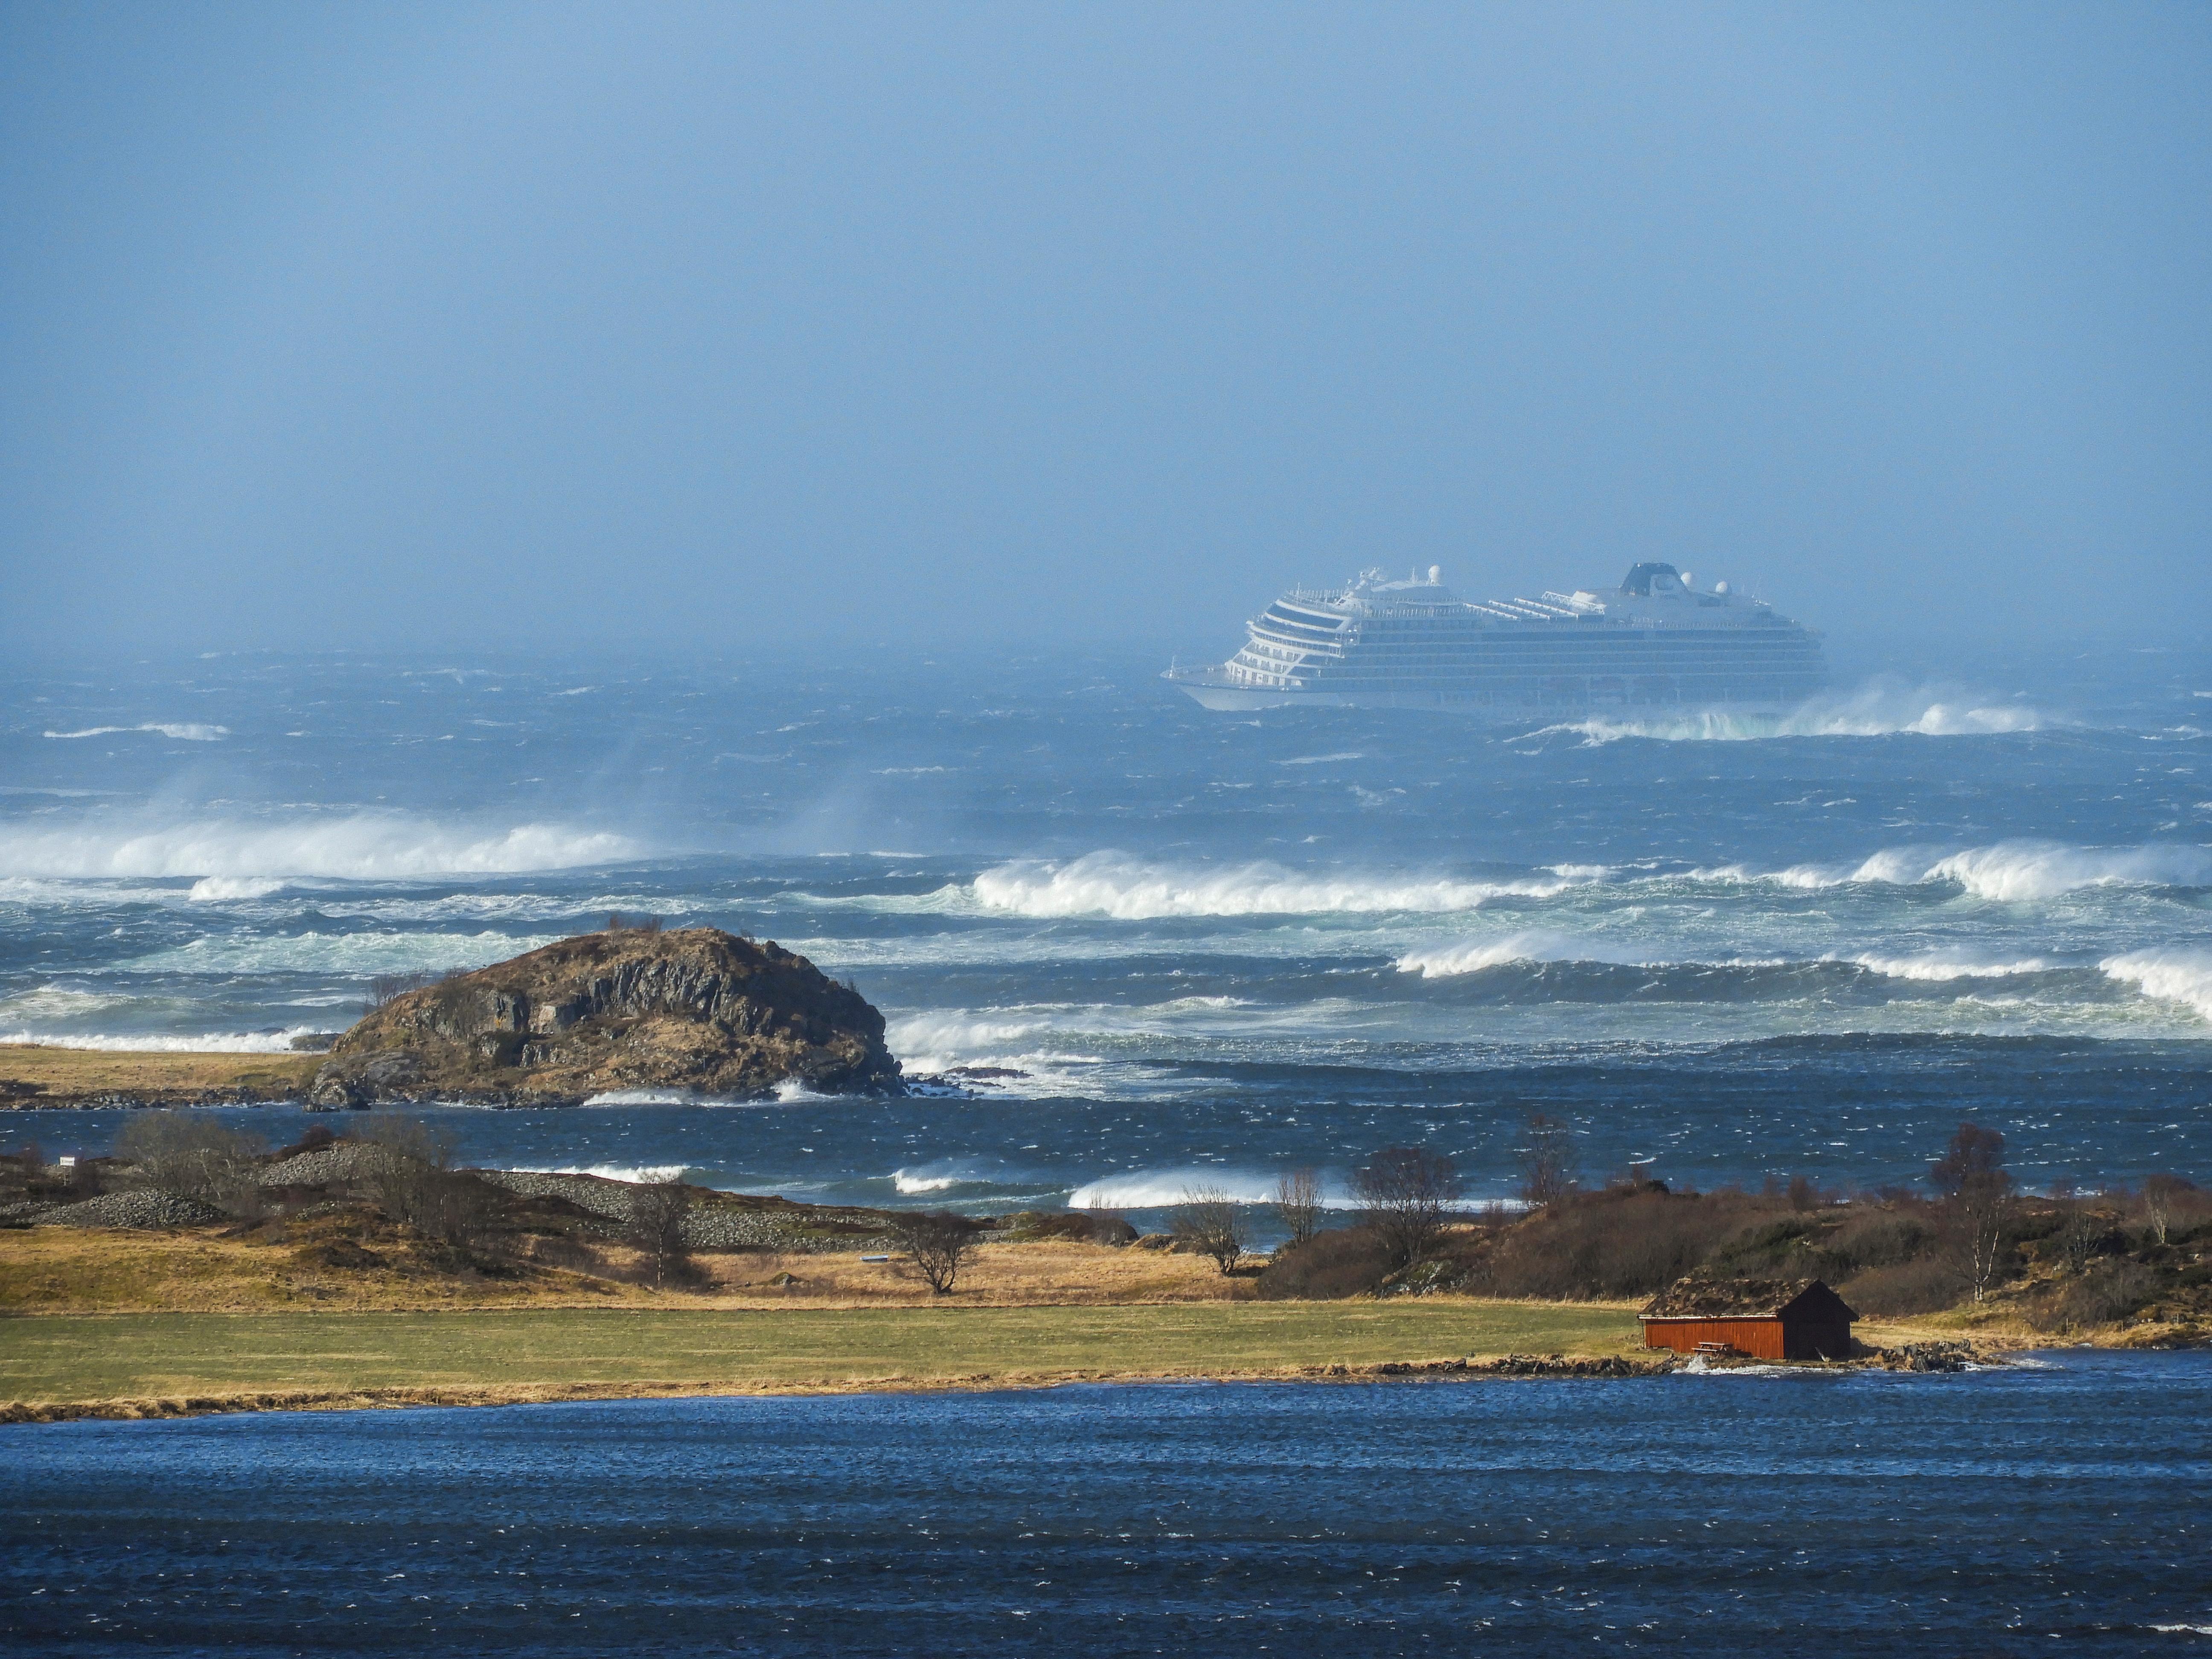 A vártnál lassabban halad az utasok mentése a lerobbant óceánjáróról